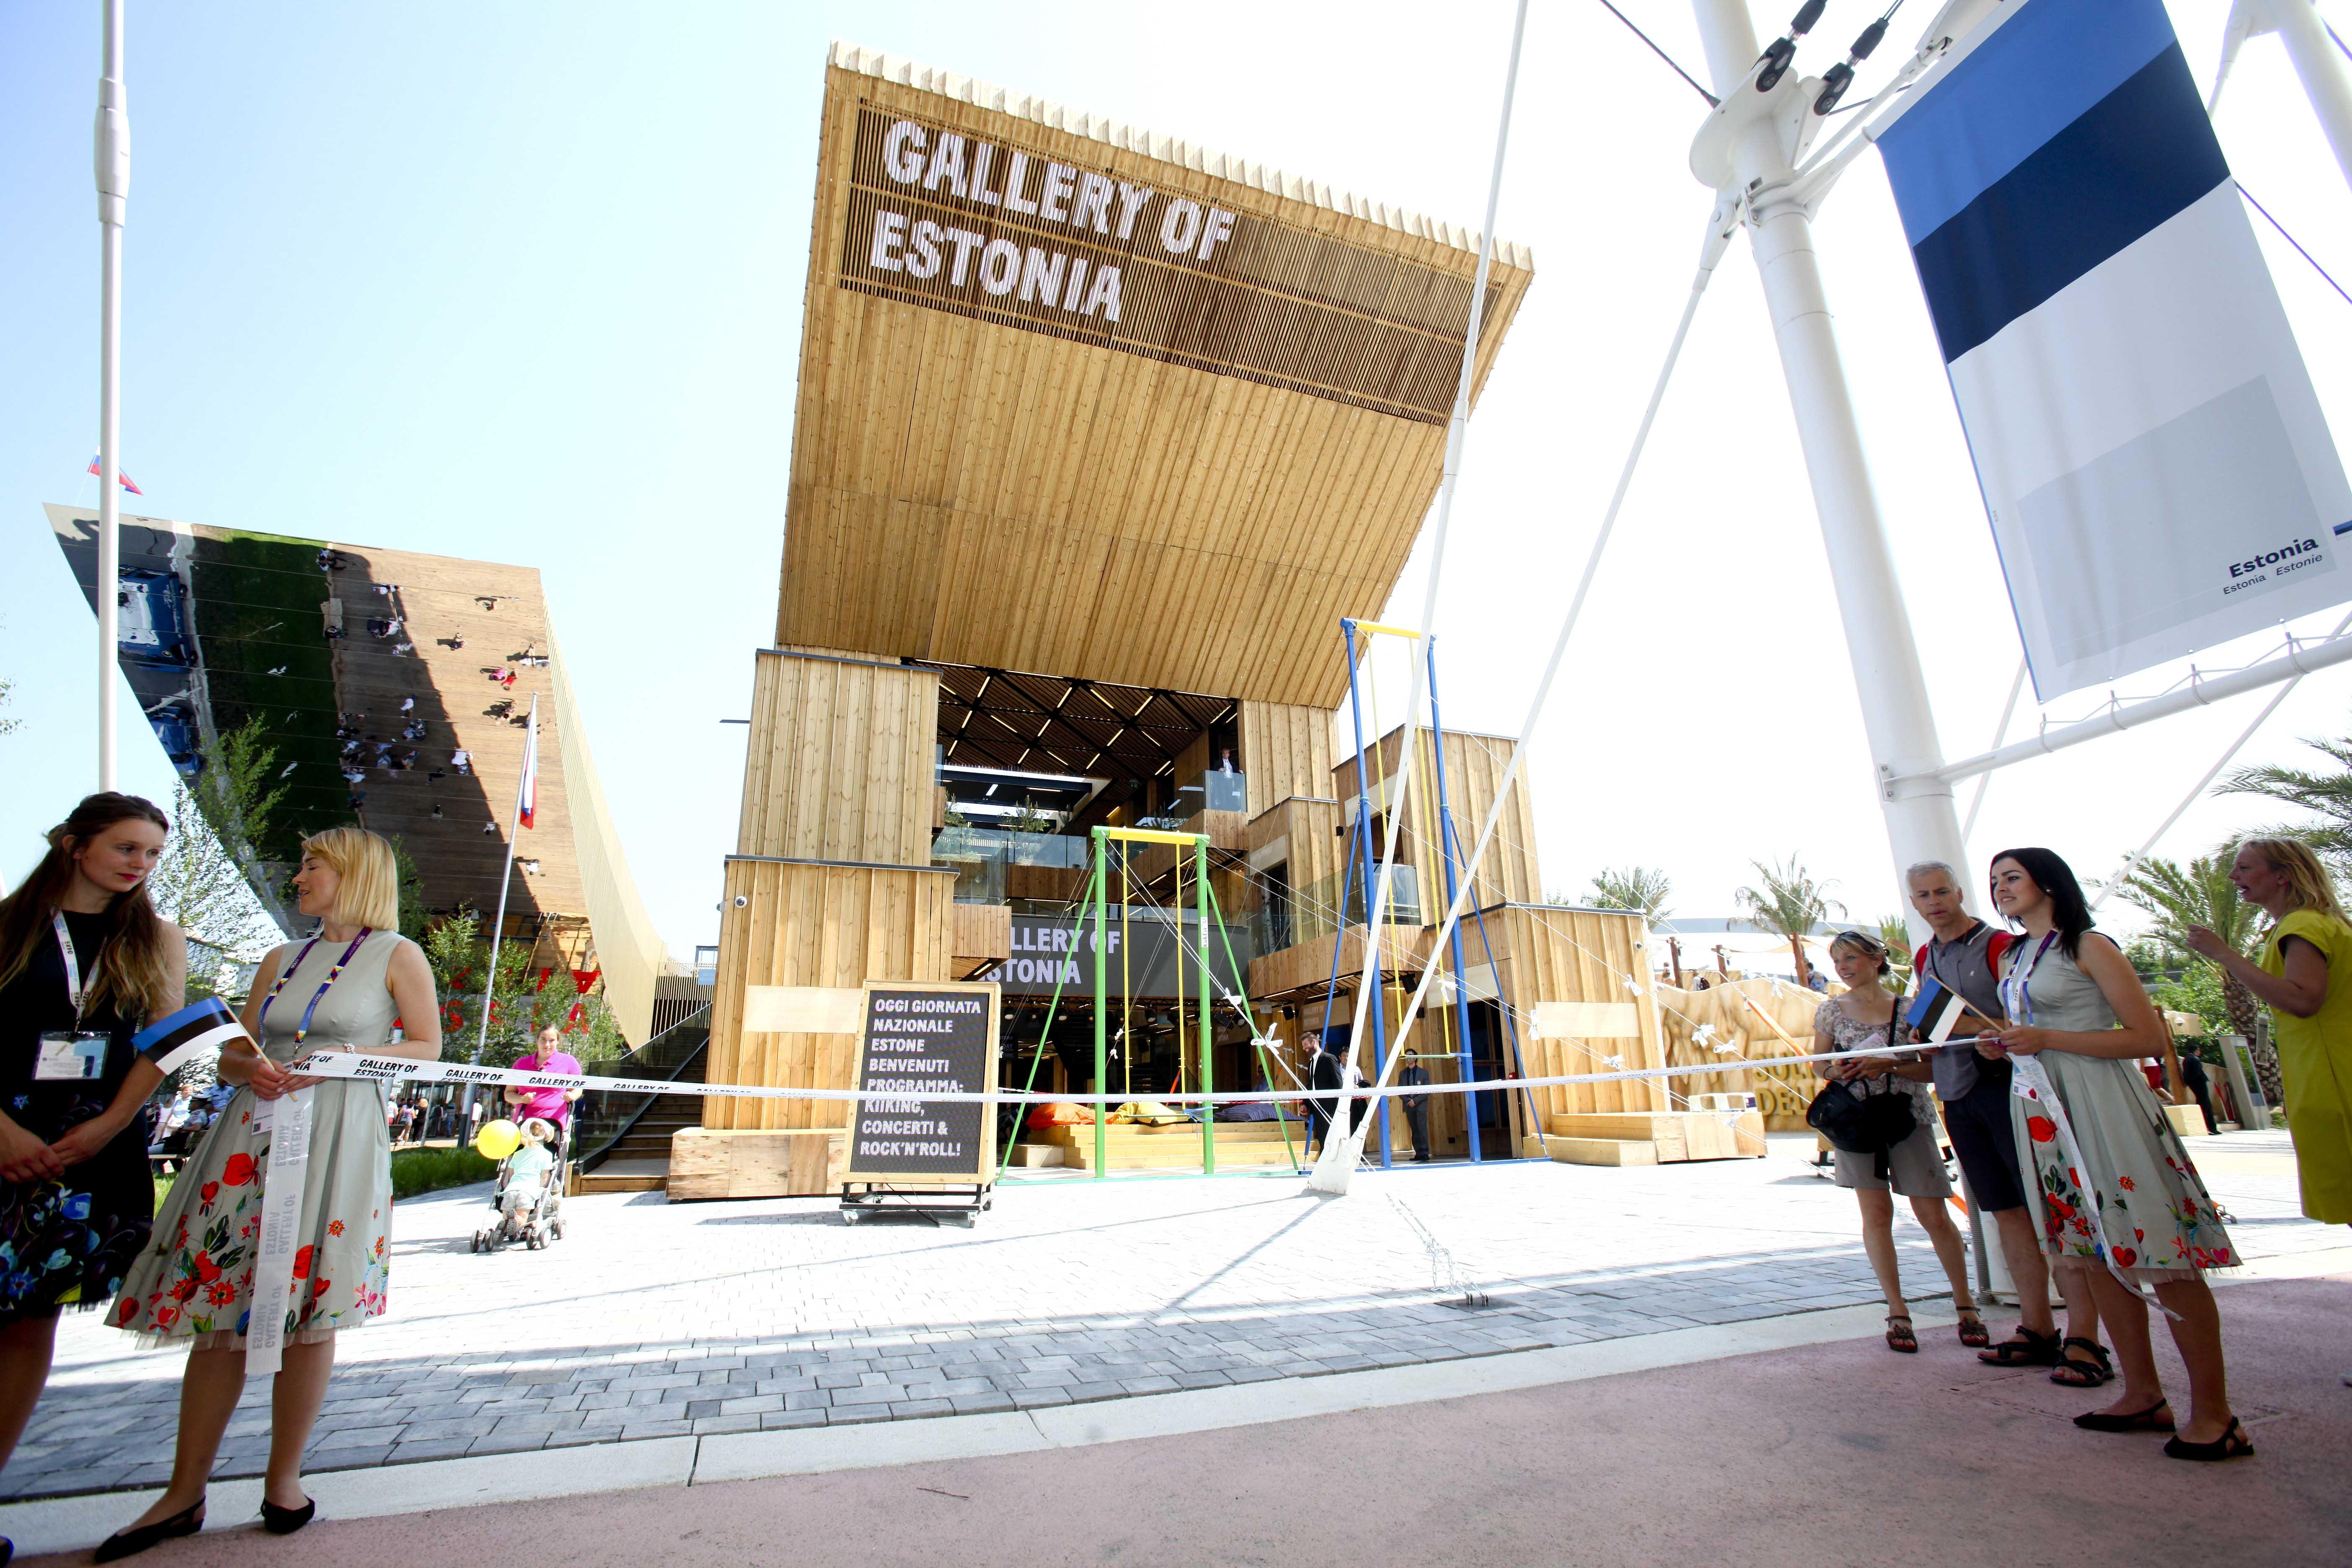 Falmec Per Expo Milano 2015 : Expo milano festeggiamenti per il national day dell